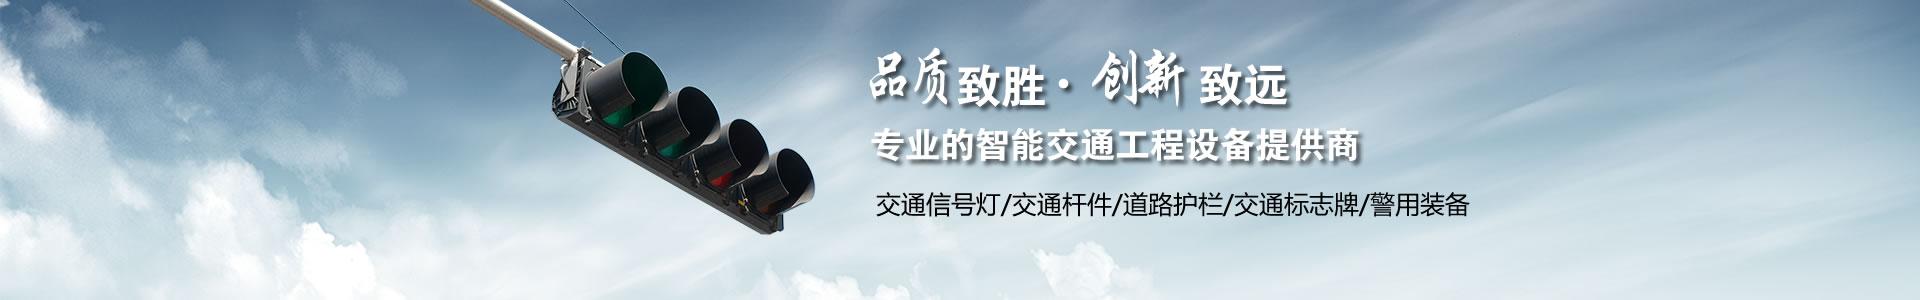 扬州市龙8游戏登录交通器材集团有限公司